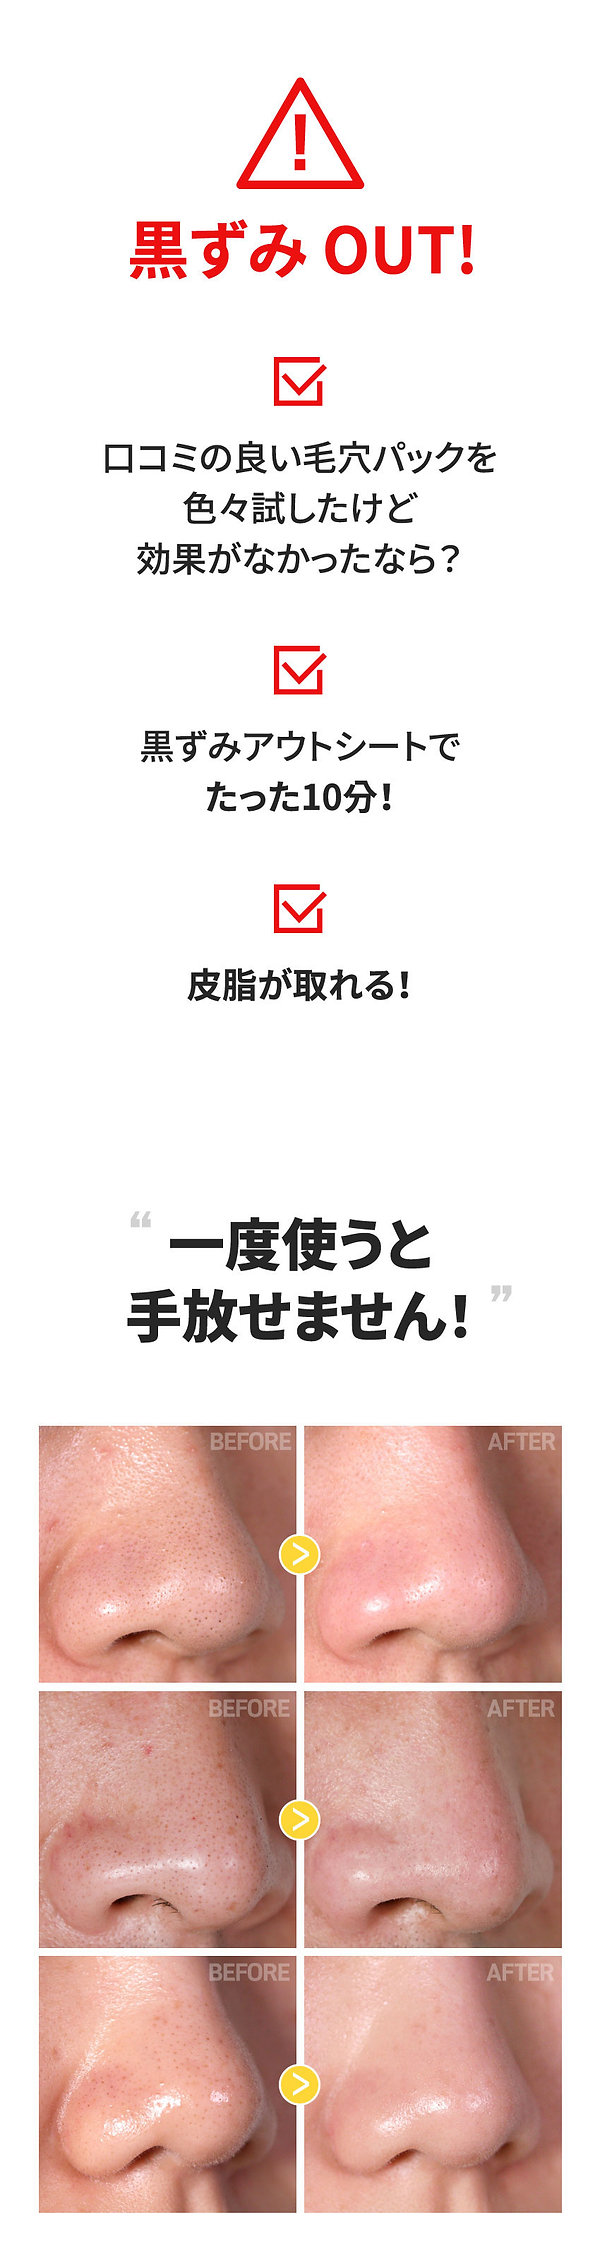 티암_-블랙헤드-아웃-시트-01.jpg